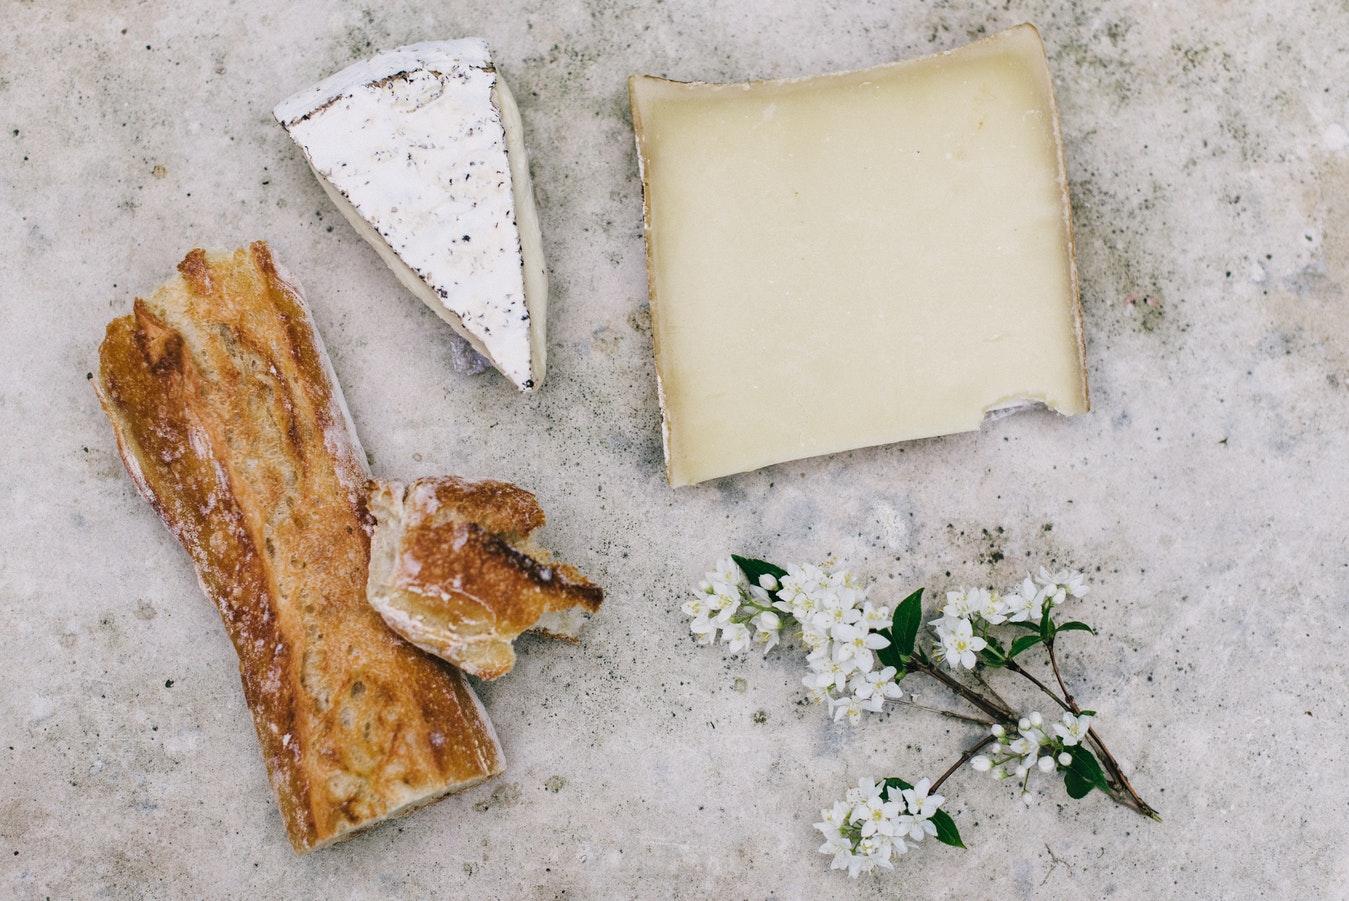 Полезные свойства сыра, о которых вы могли не знать-Фото 1